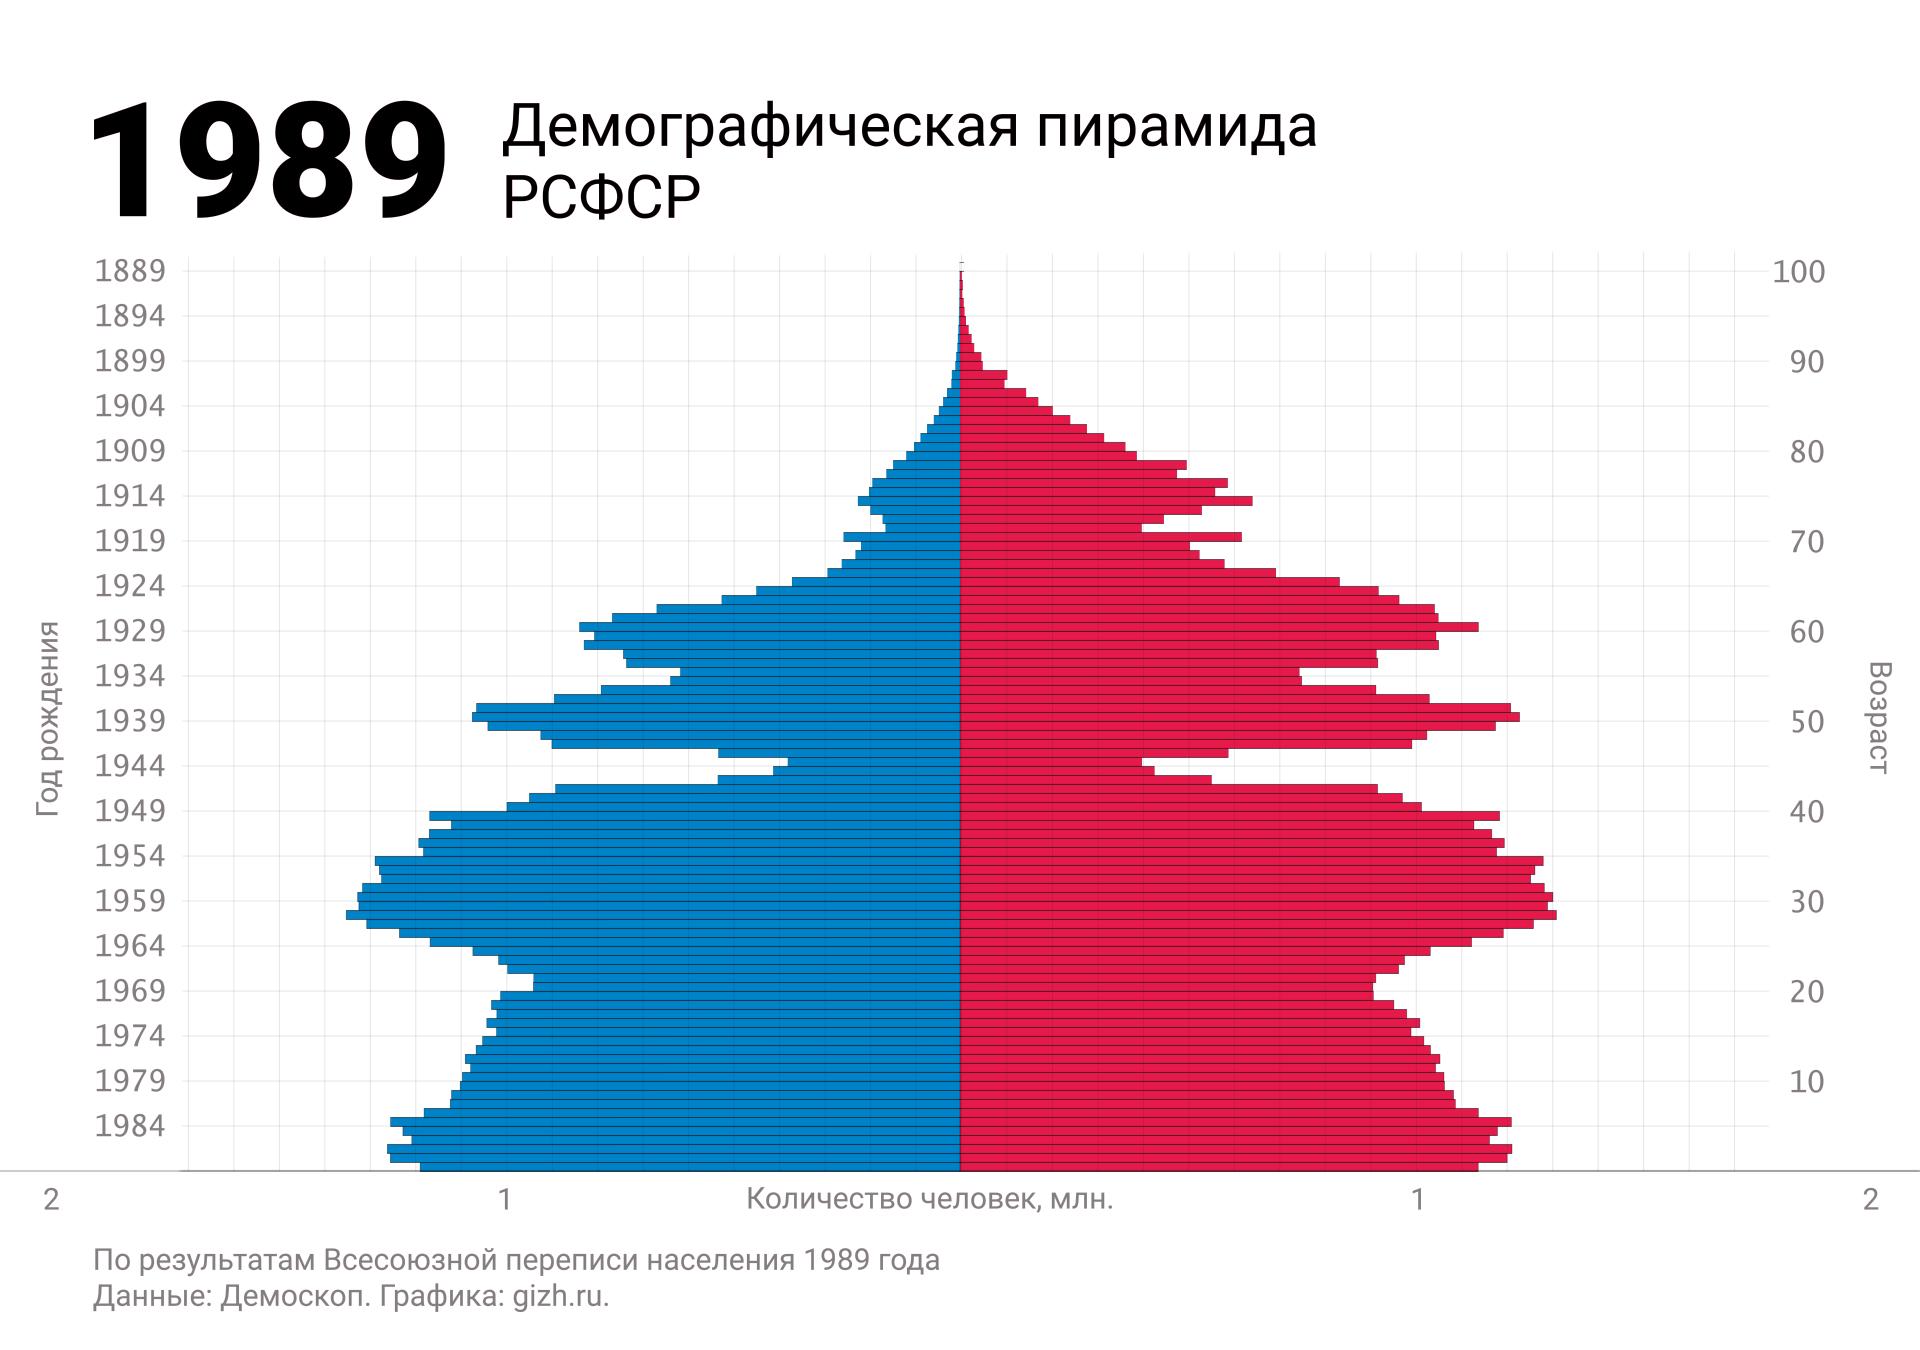 Демографическая (половозрастная) пирамида России (СССР, РСФСР) по переписи 1989